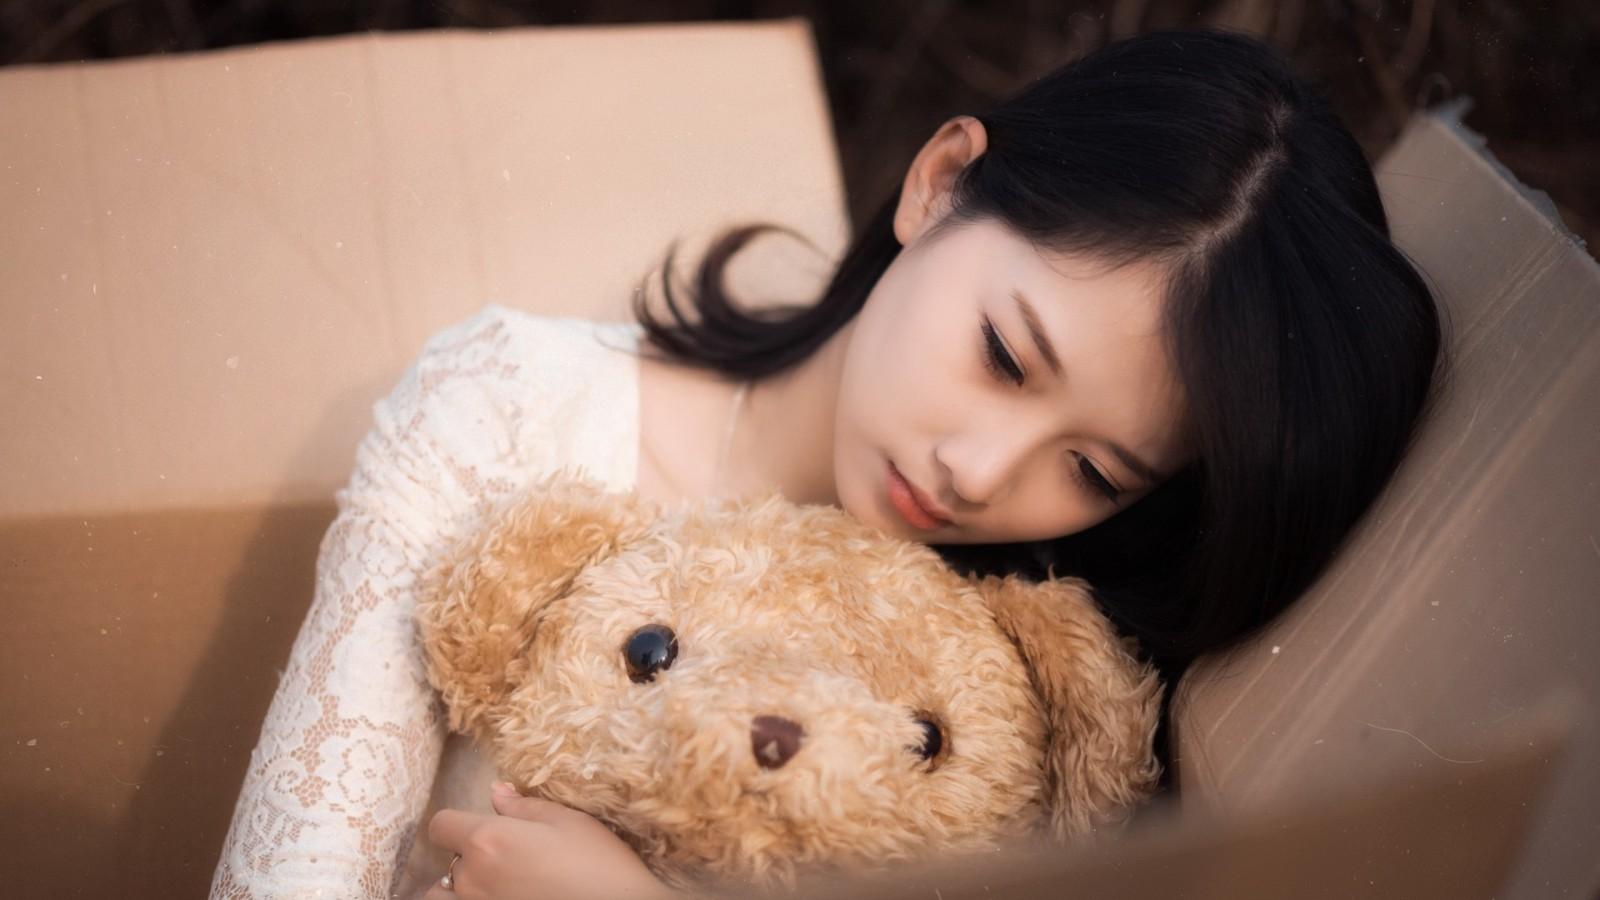 女孩,玩具熊,盒子,心情图片,美女壁纸